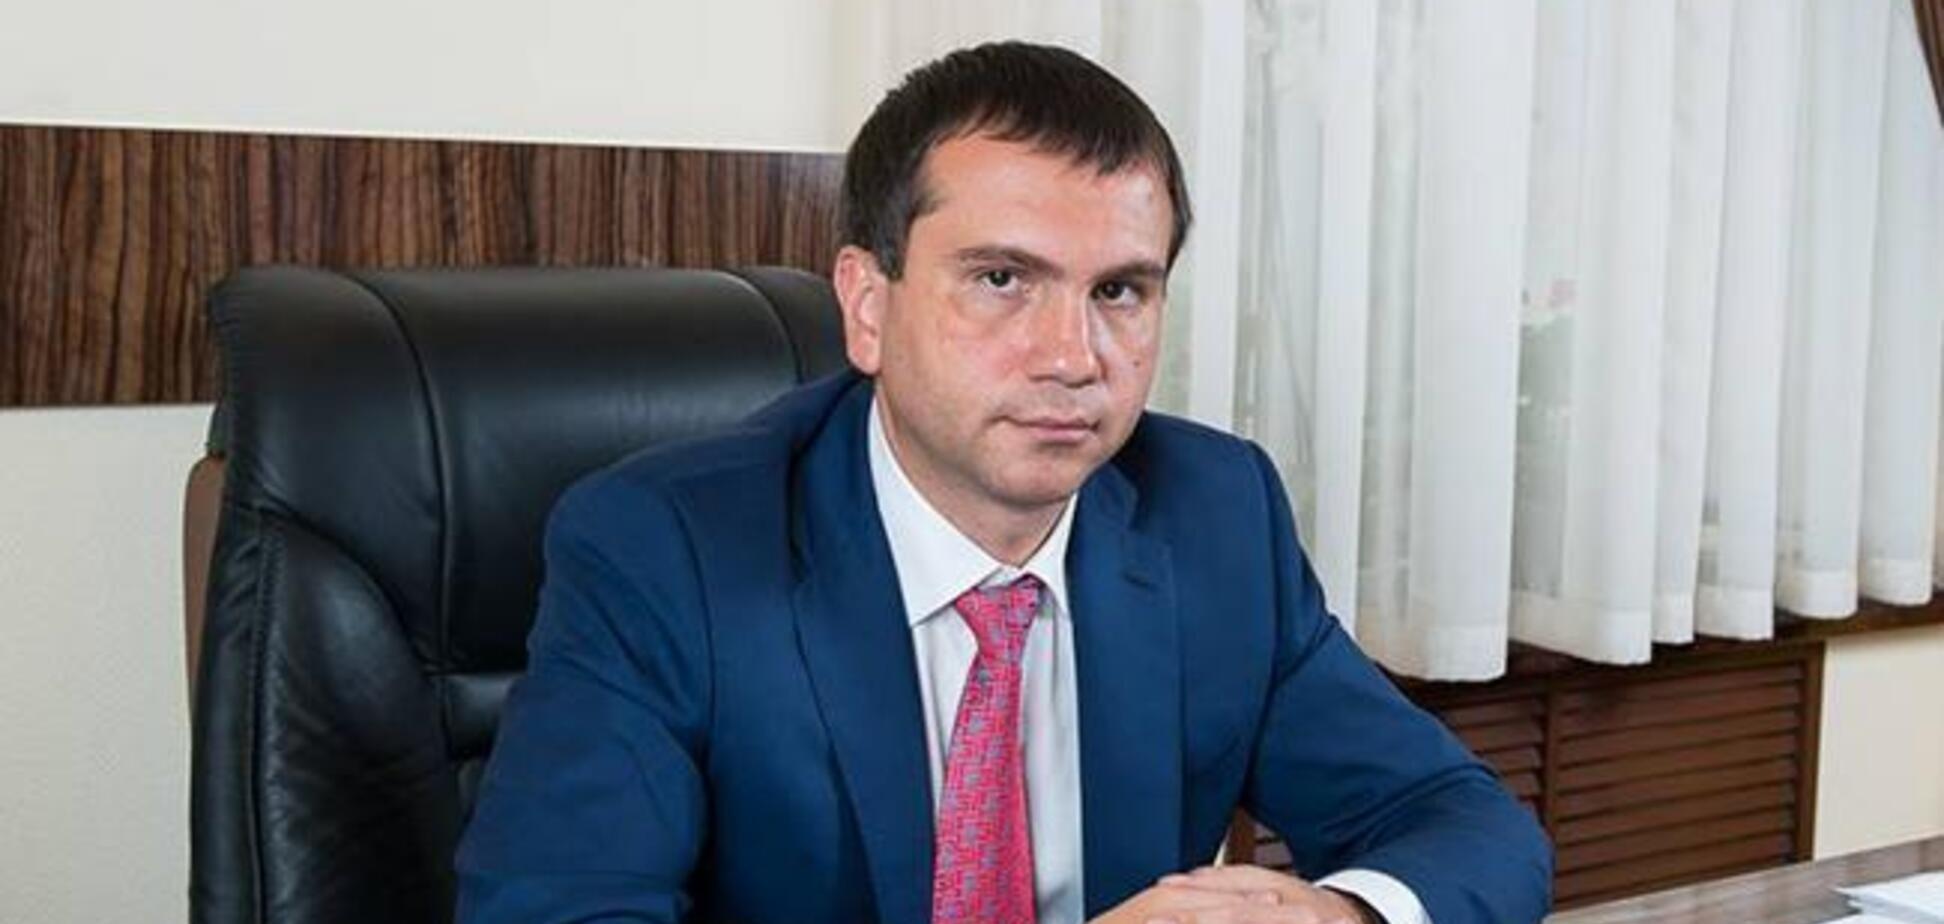 Давление и вмешательство: главе Окружного админсуда Киева выдвинули обвинения